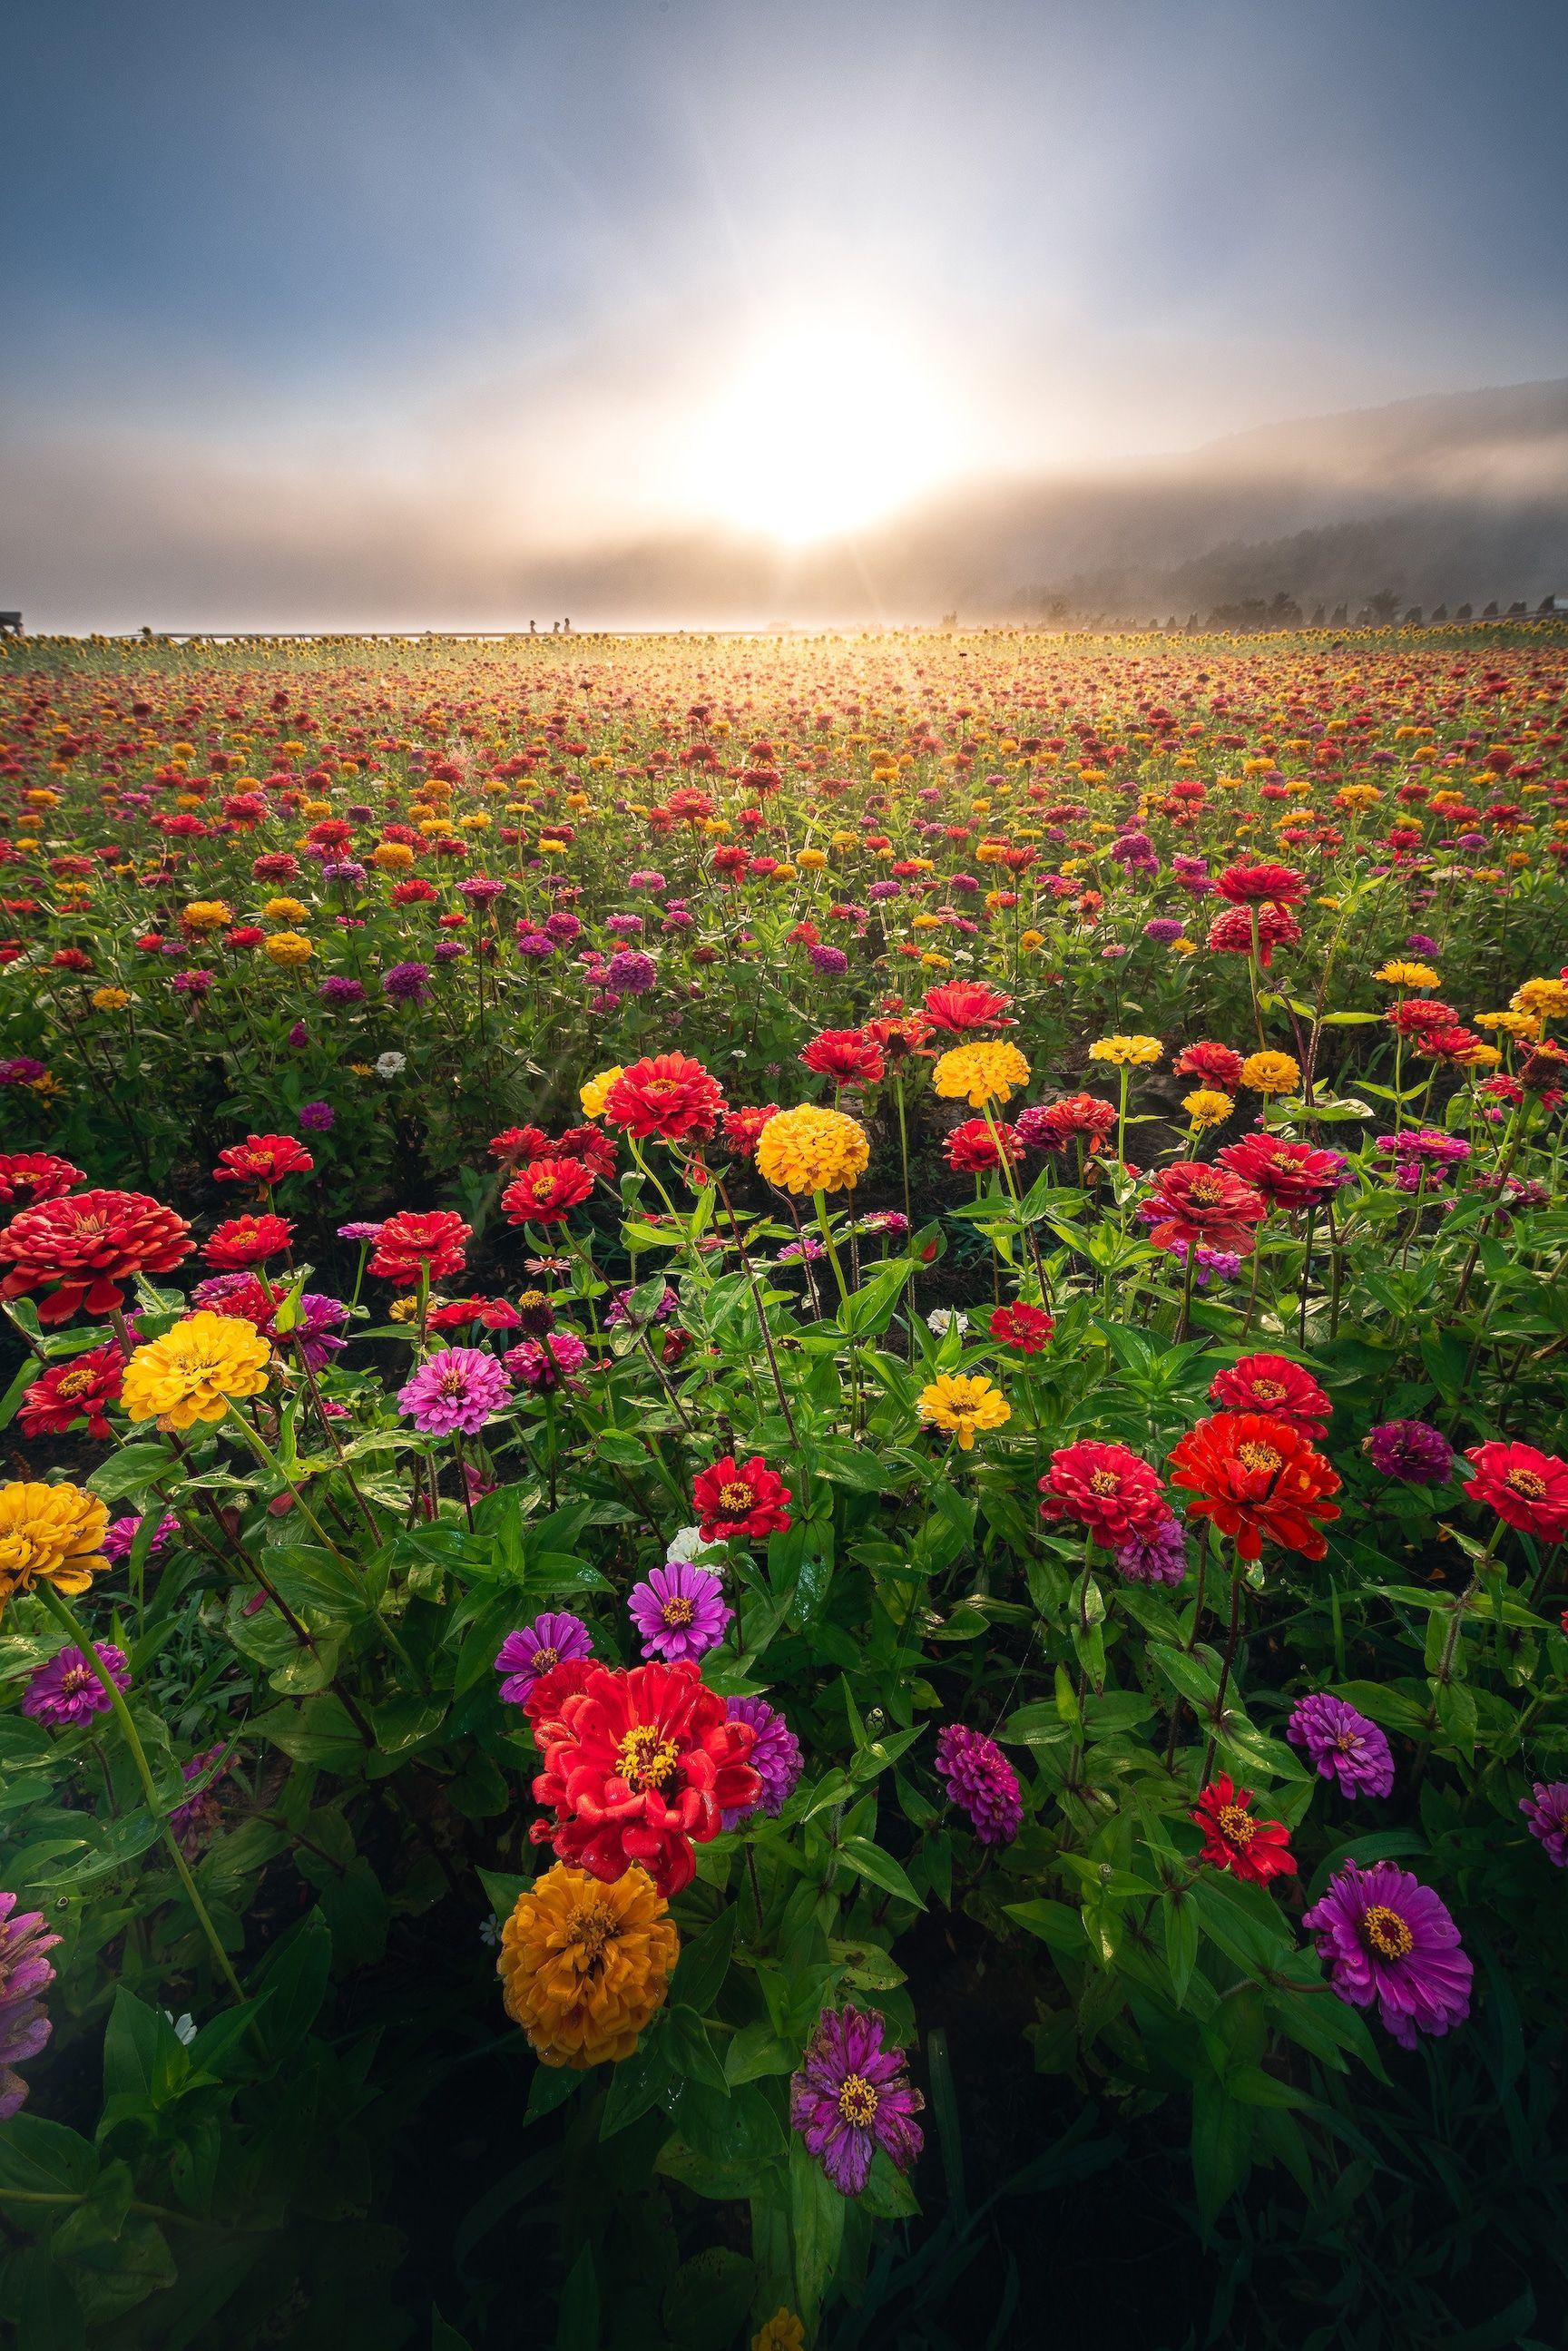 Japan おしゃれまとめの人気アイデア Pinterest 朧 2020 美しい風景写真 綺麗な風景 花の都公園